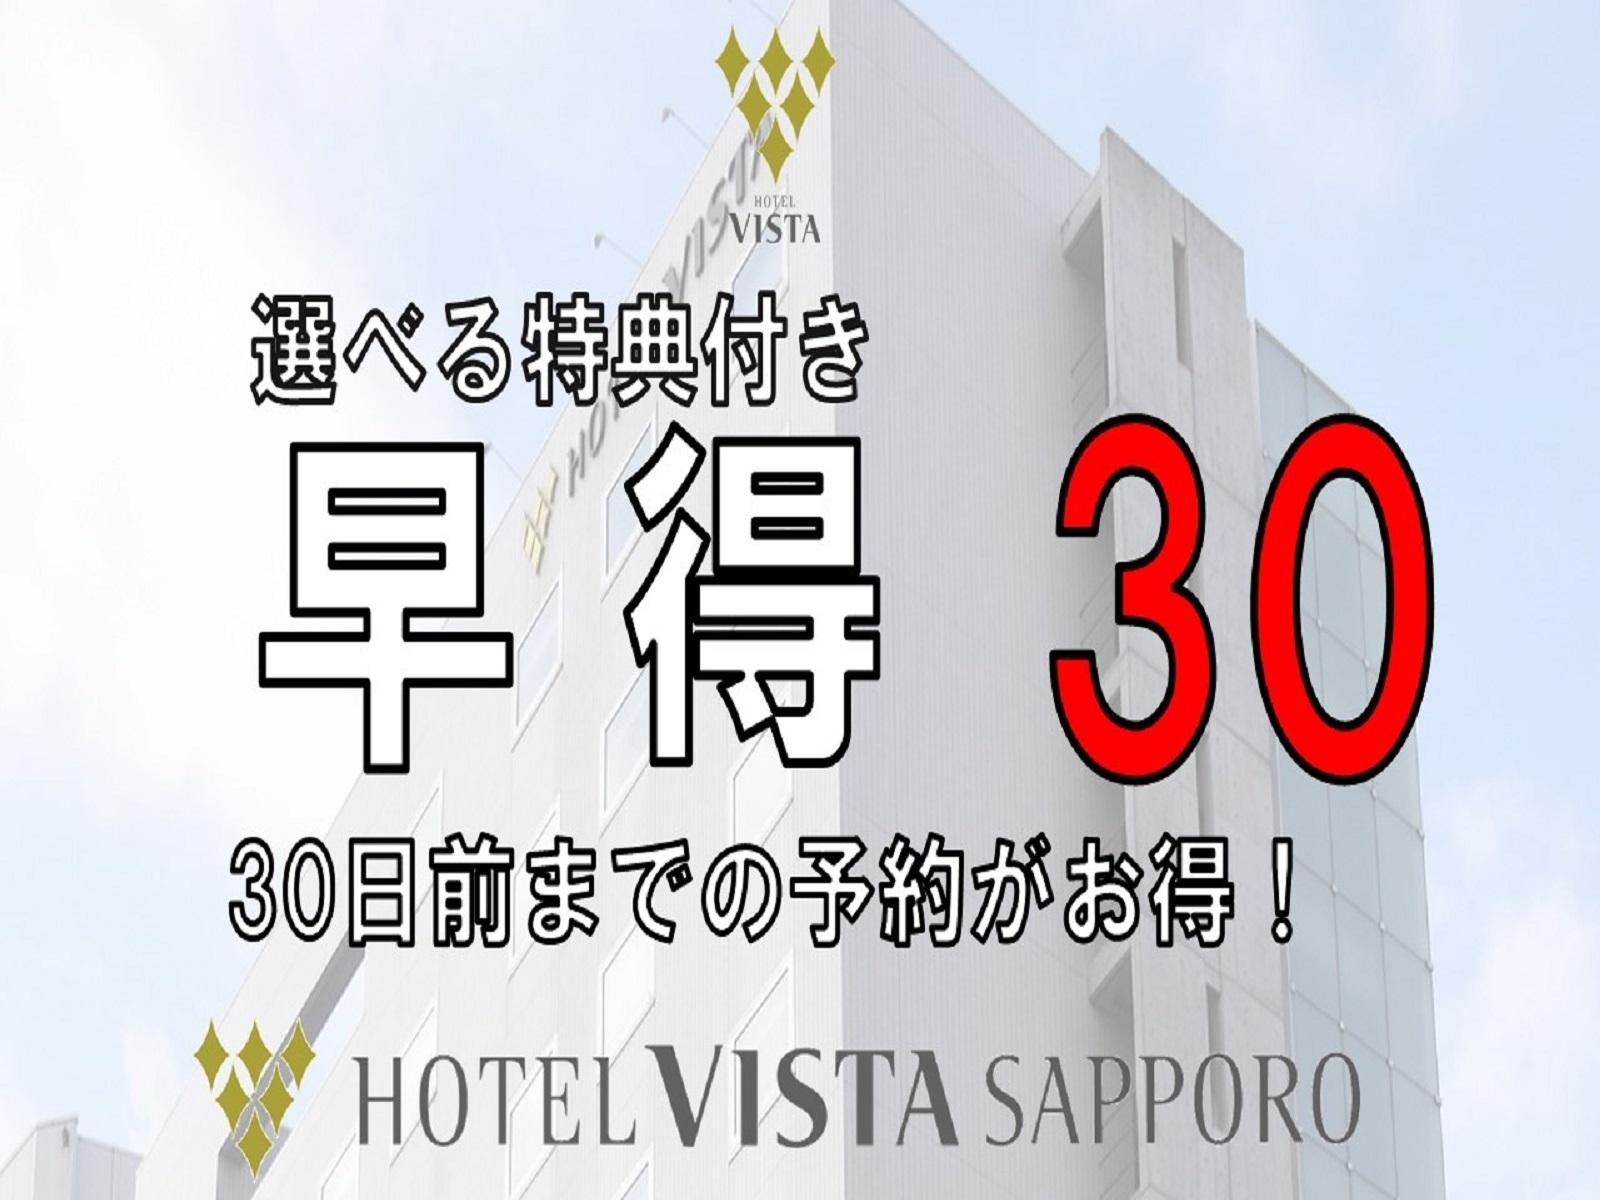 ホテルビスタ札幌中島公園 【早得】選んで楽しい♪特典付!★早トク30★~素泊り~